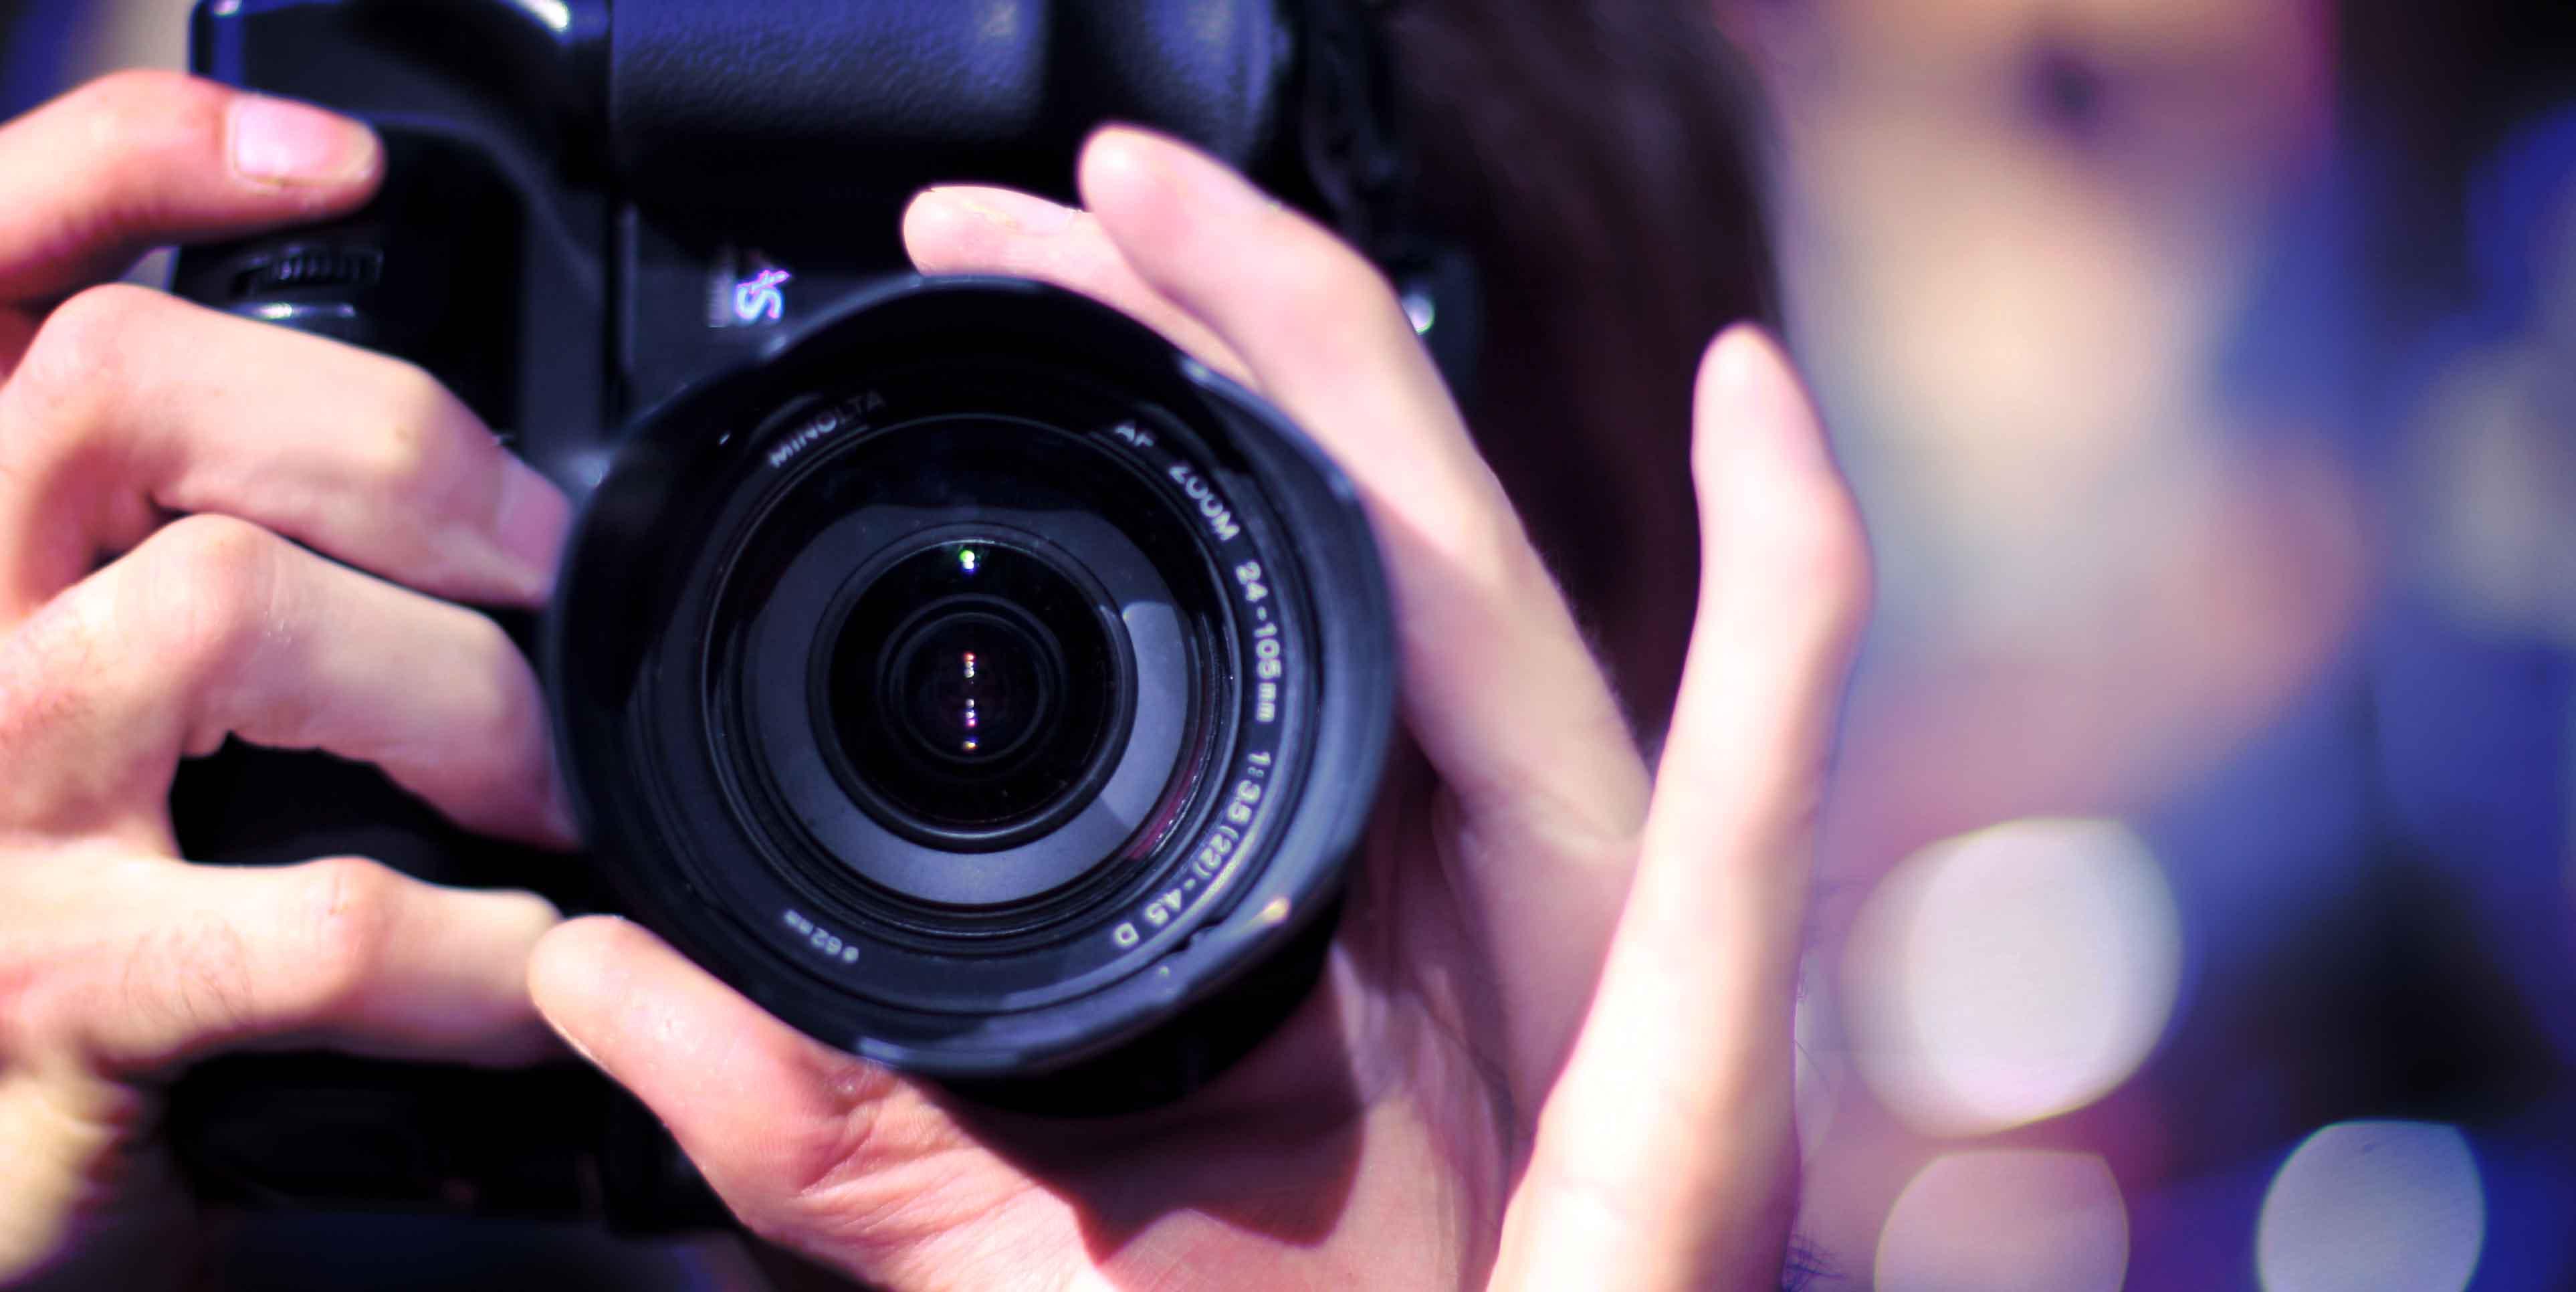 Devenir photographe : comment créer son entreprise